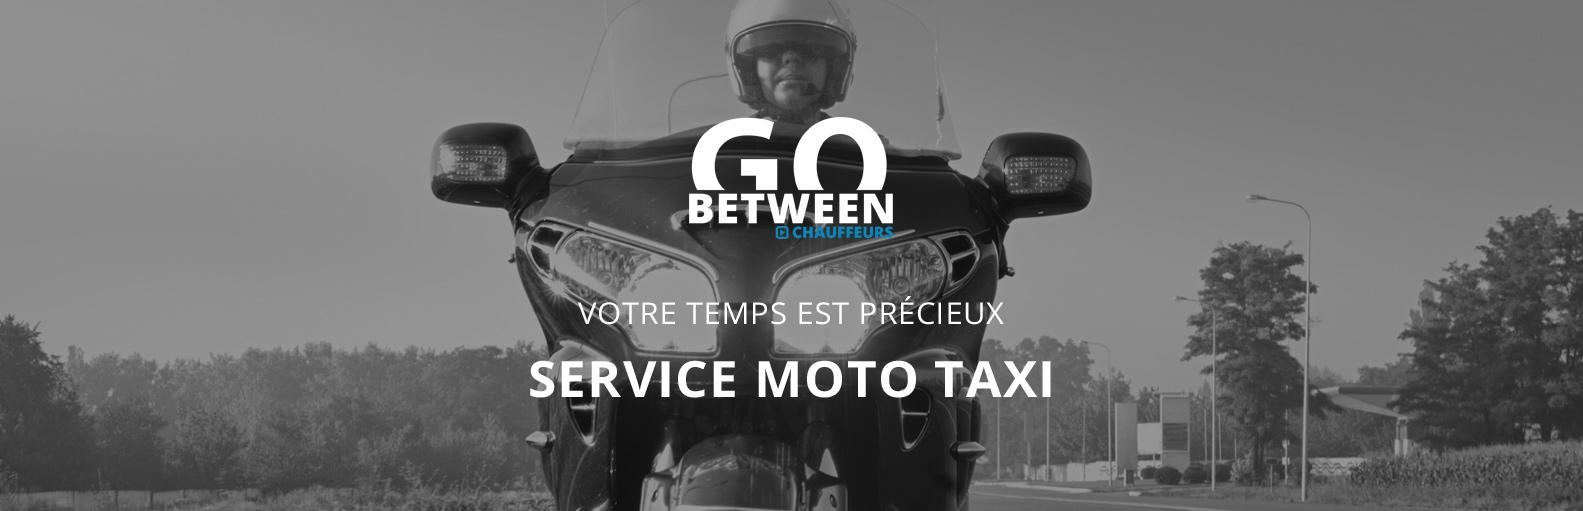 Taxi moto chauffeur privé VTC avec ou sans voiture